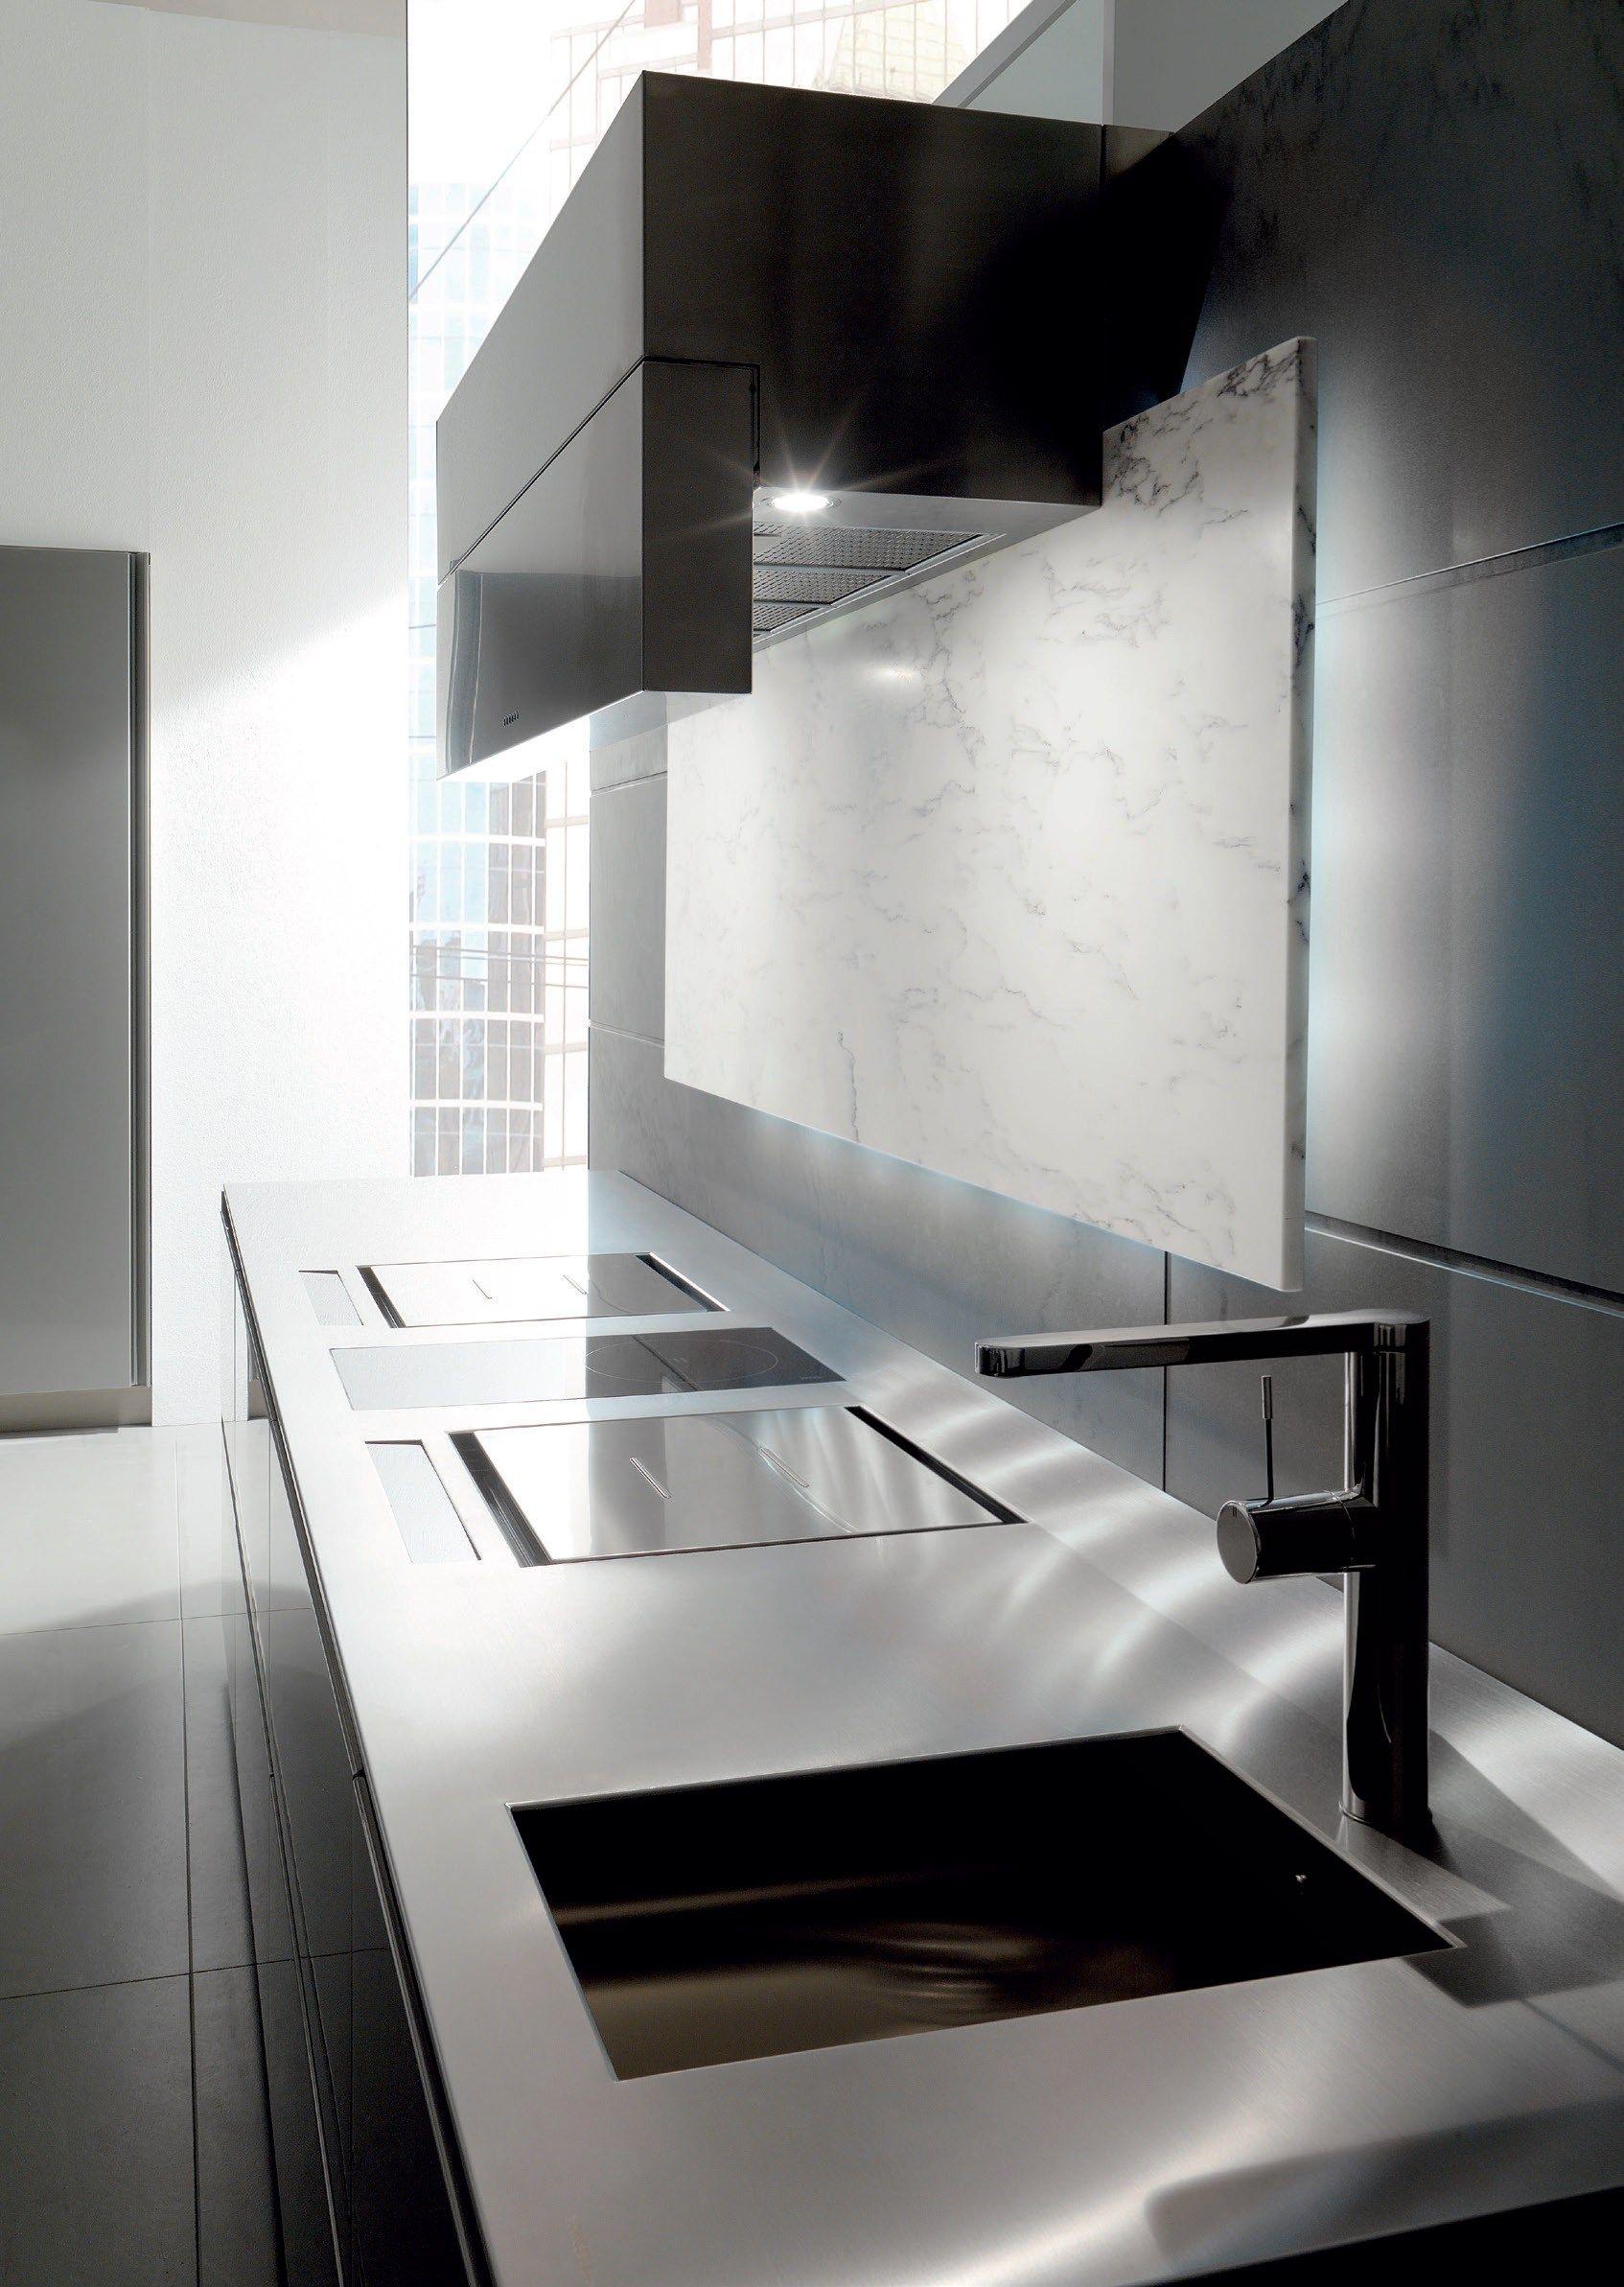 Ungewöhnlich Kücheneinheit Regalstützen Ideen - Ideen Für Die Küche ...